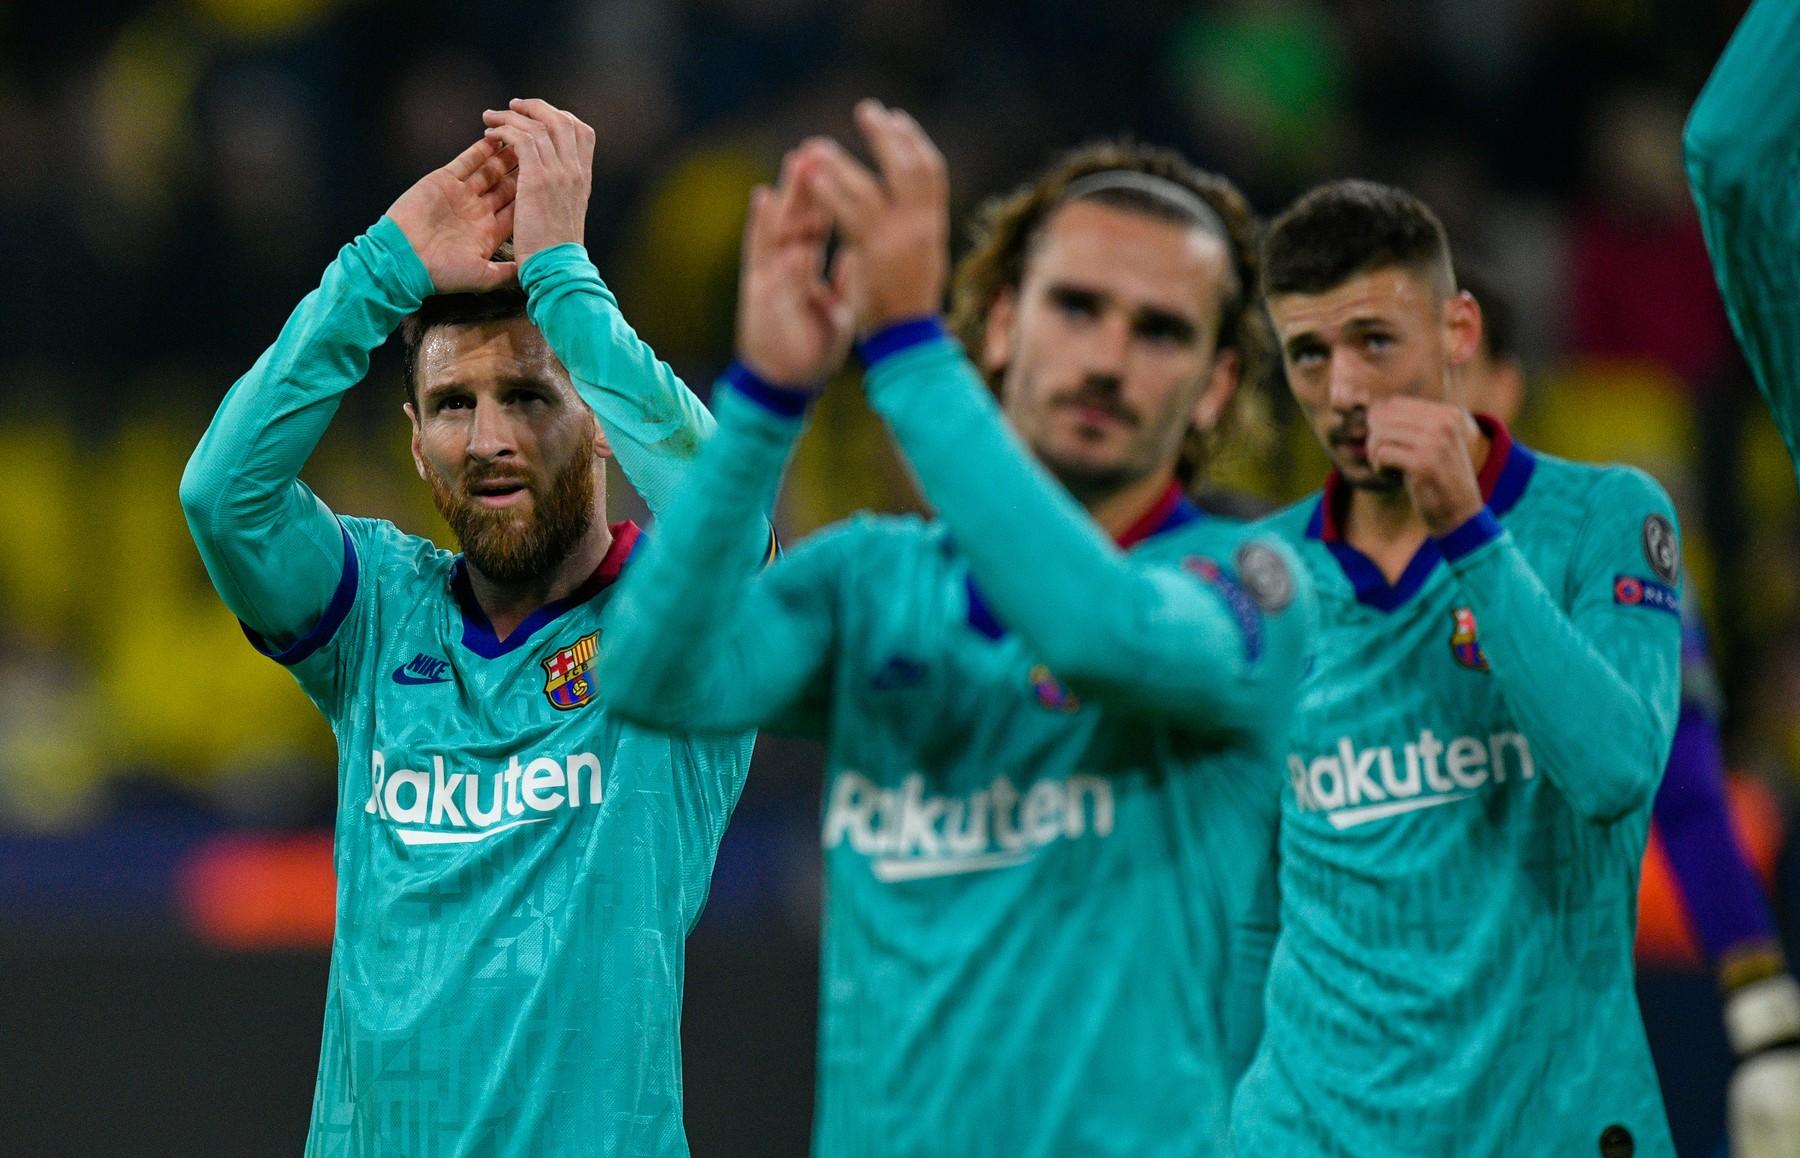 Fotbalové orgie